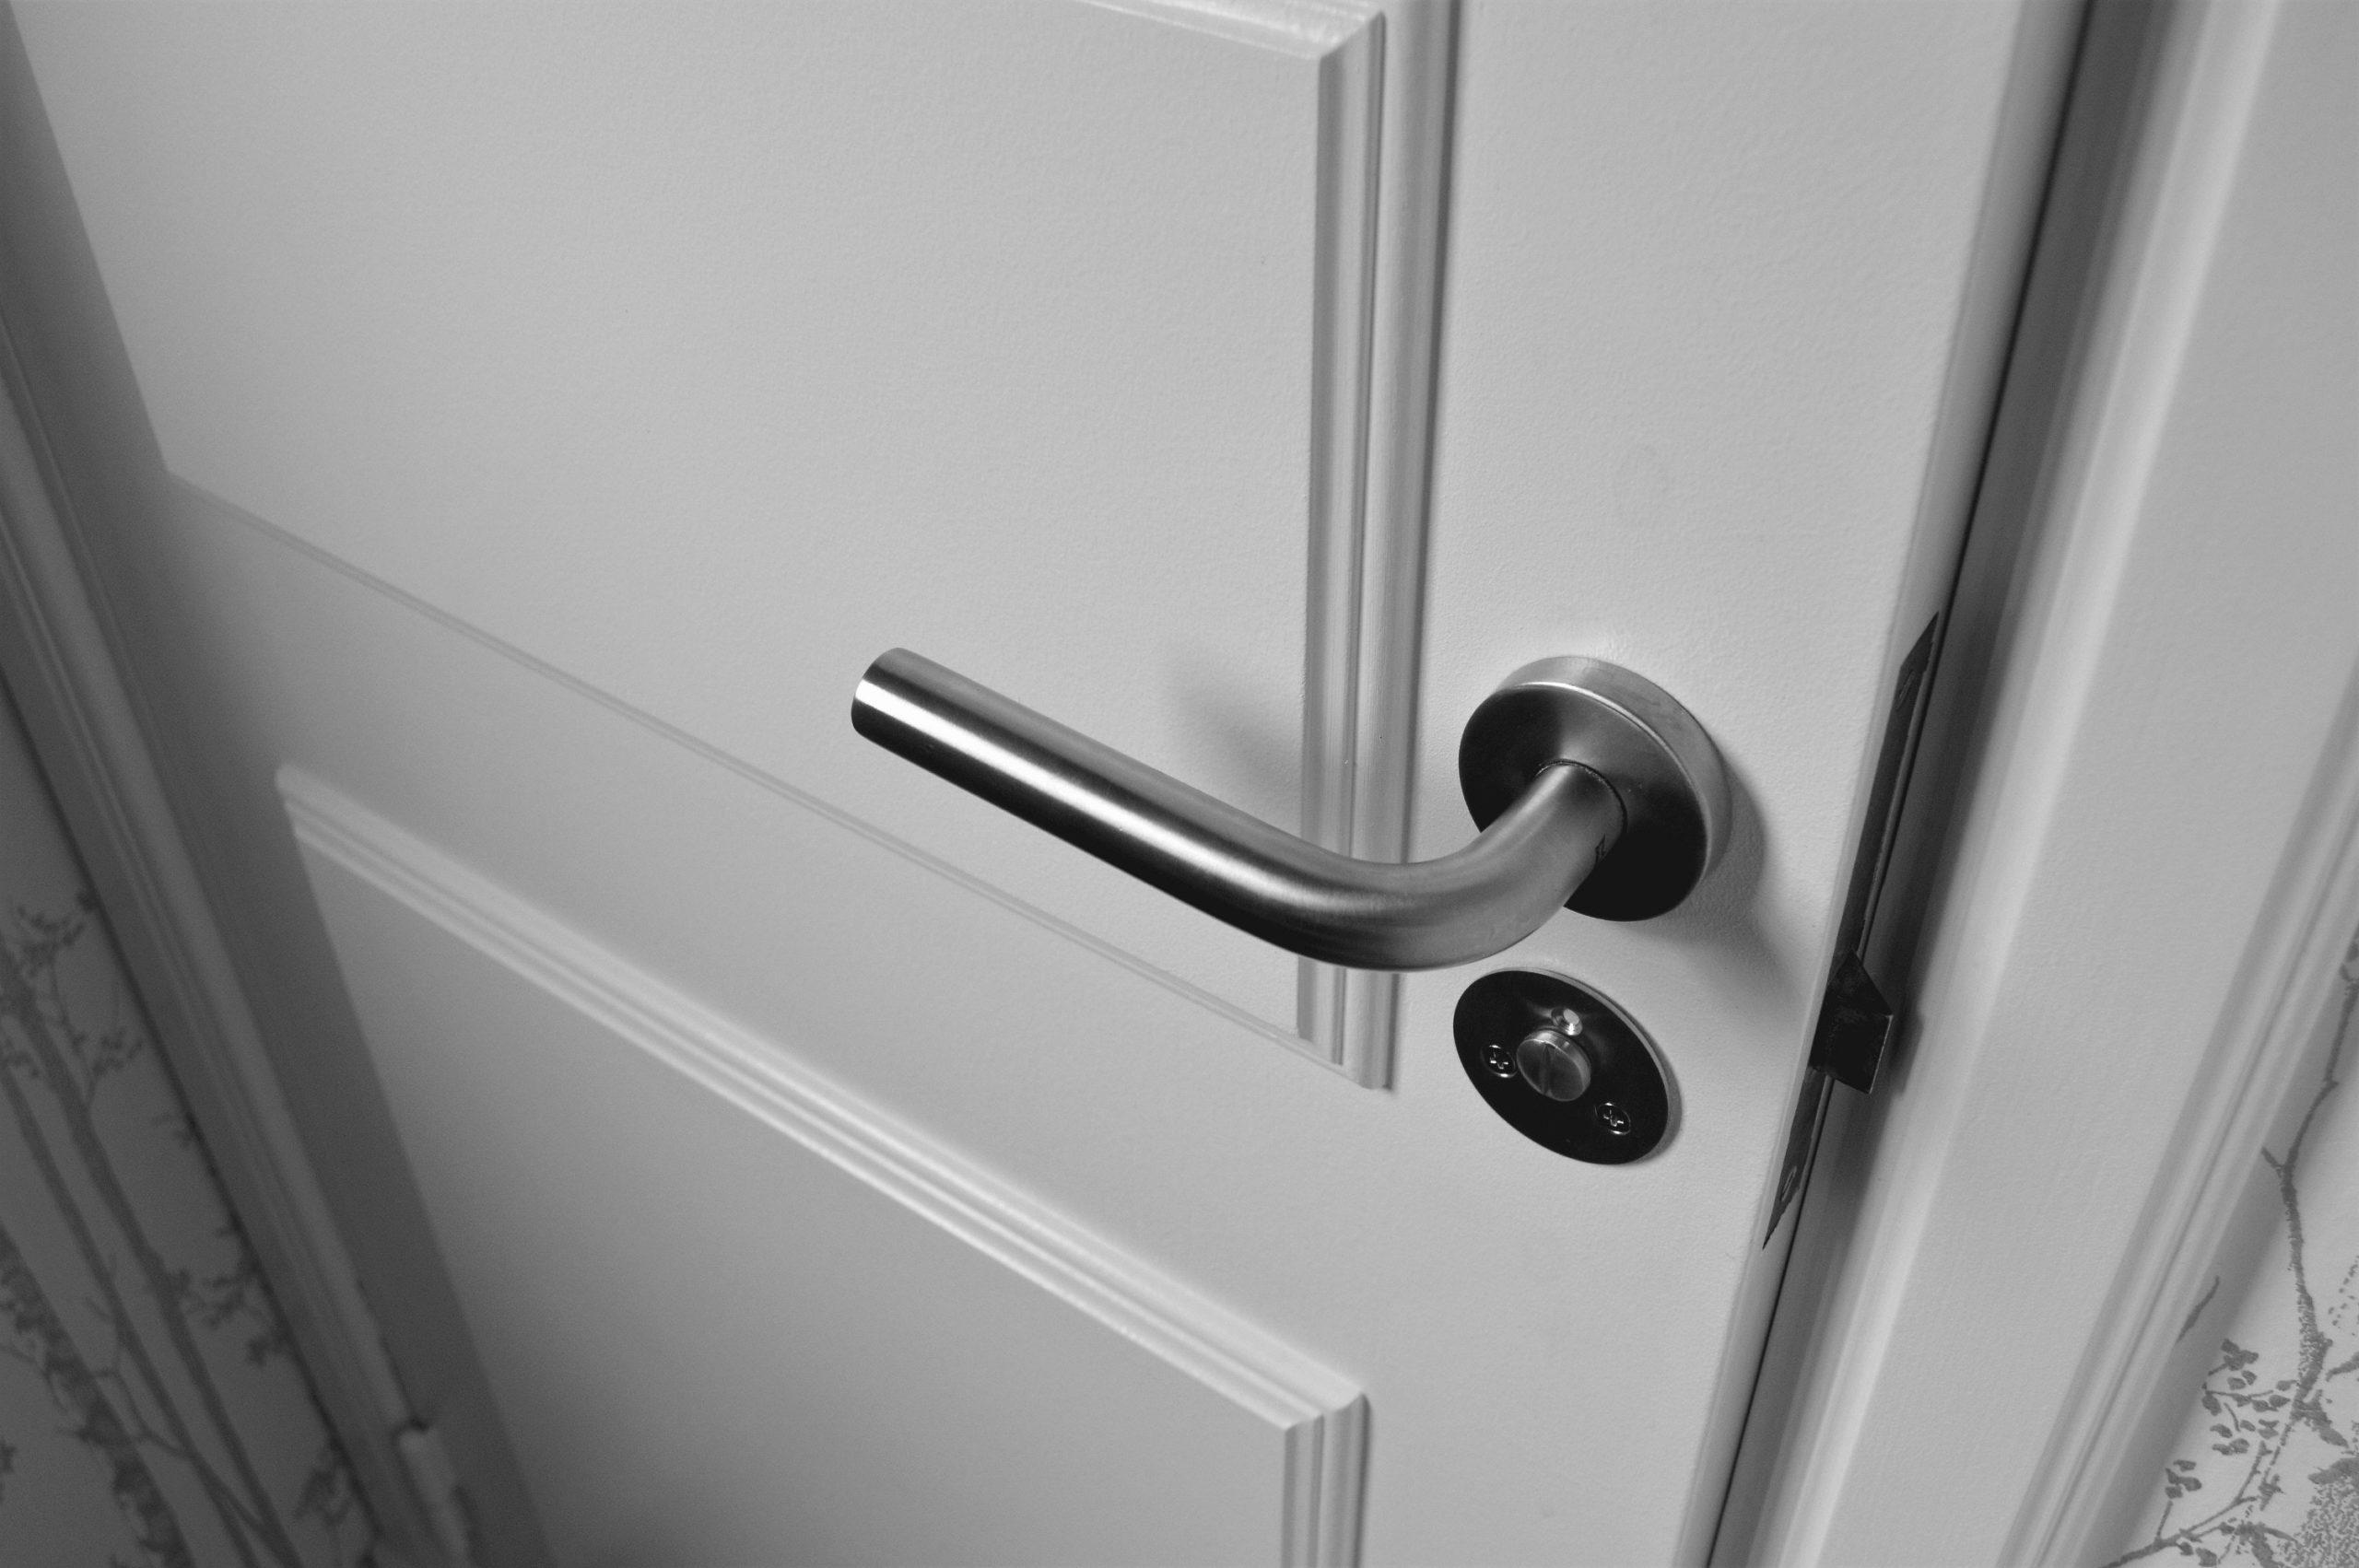 Reparation af låse og låsereparationer på Frb